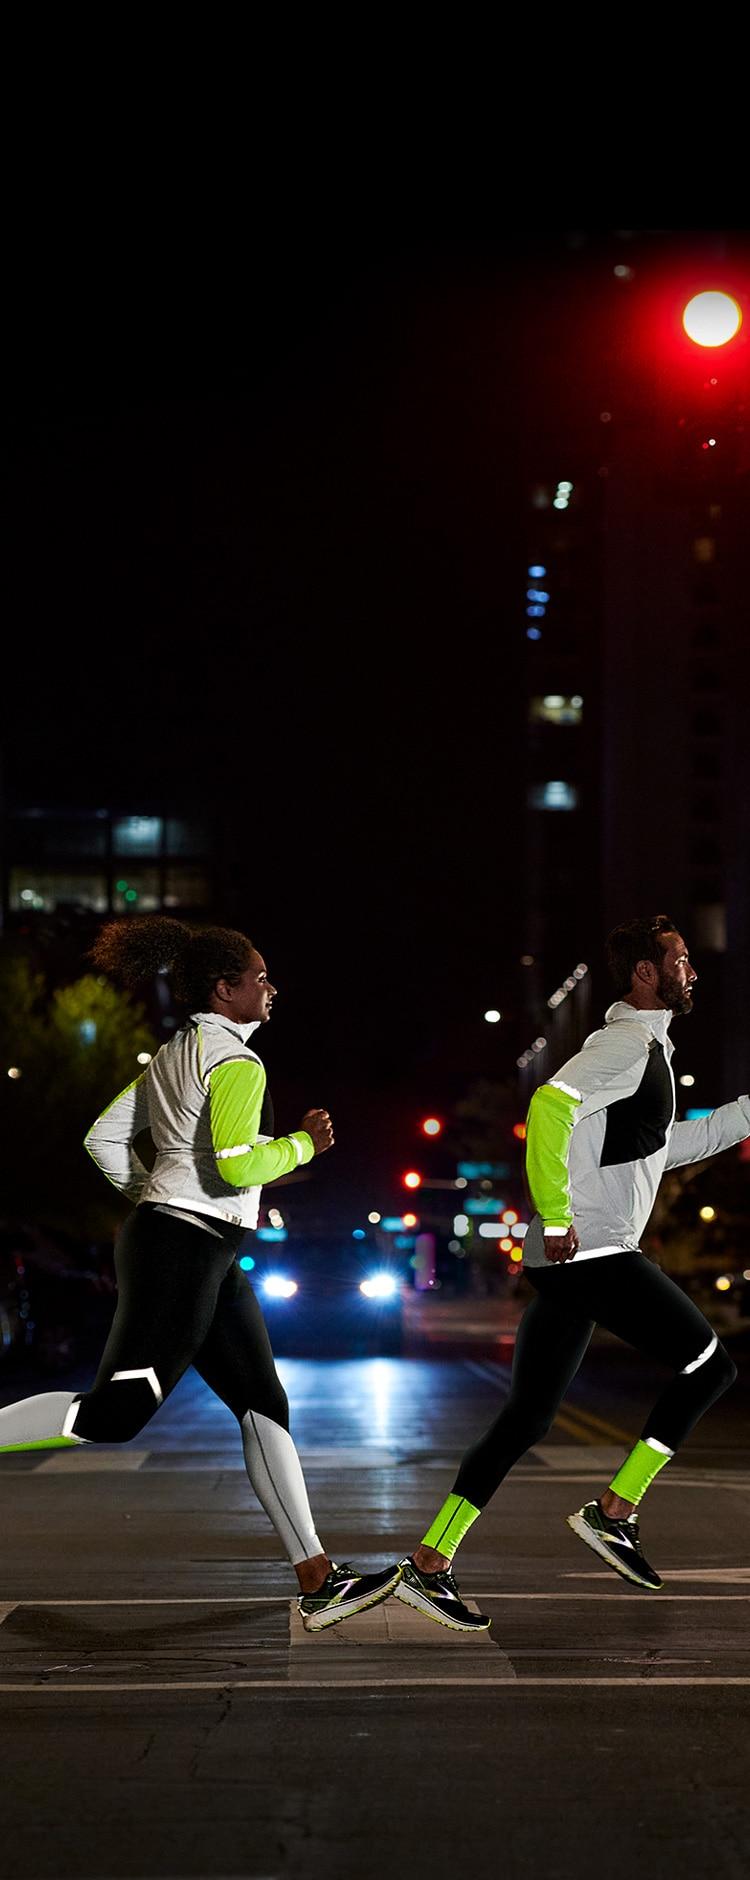 Visione laterale di un uomo e una donna che indossano la collezione Run Visible e attraversano una strada di notte